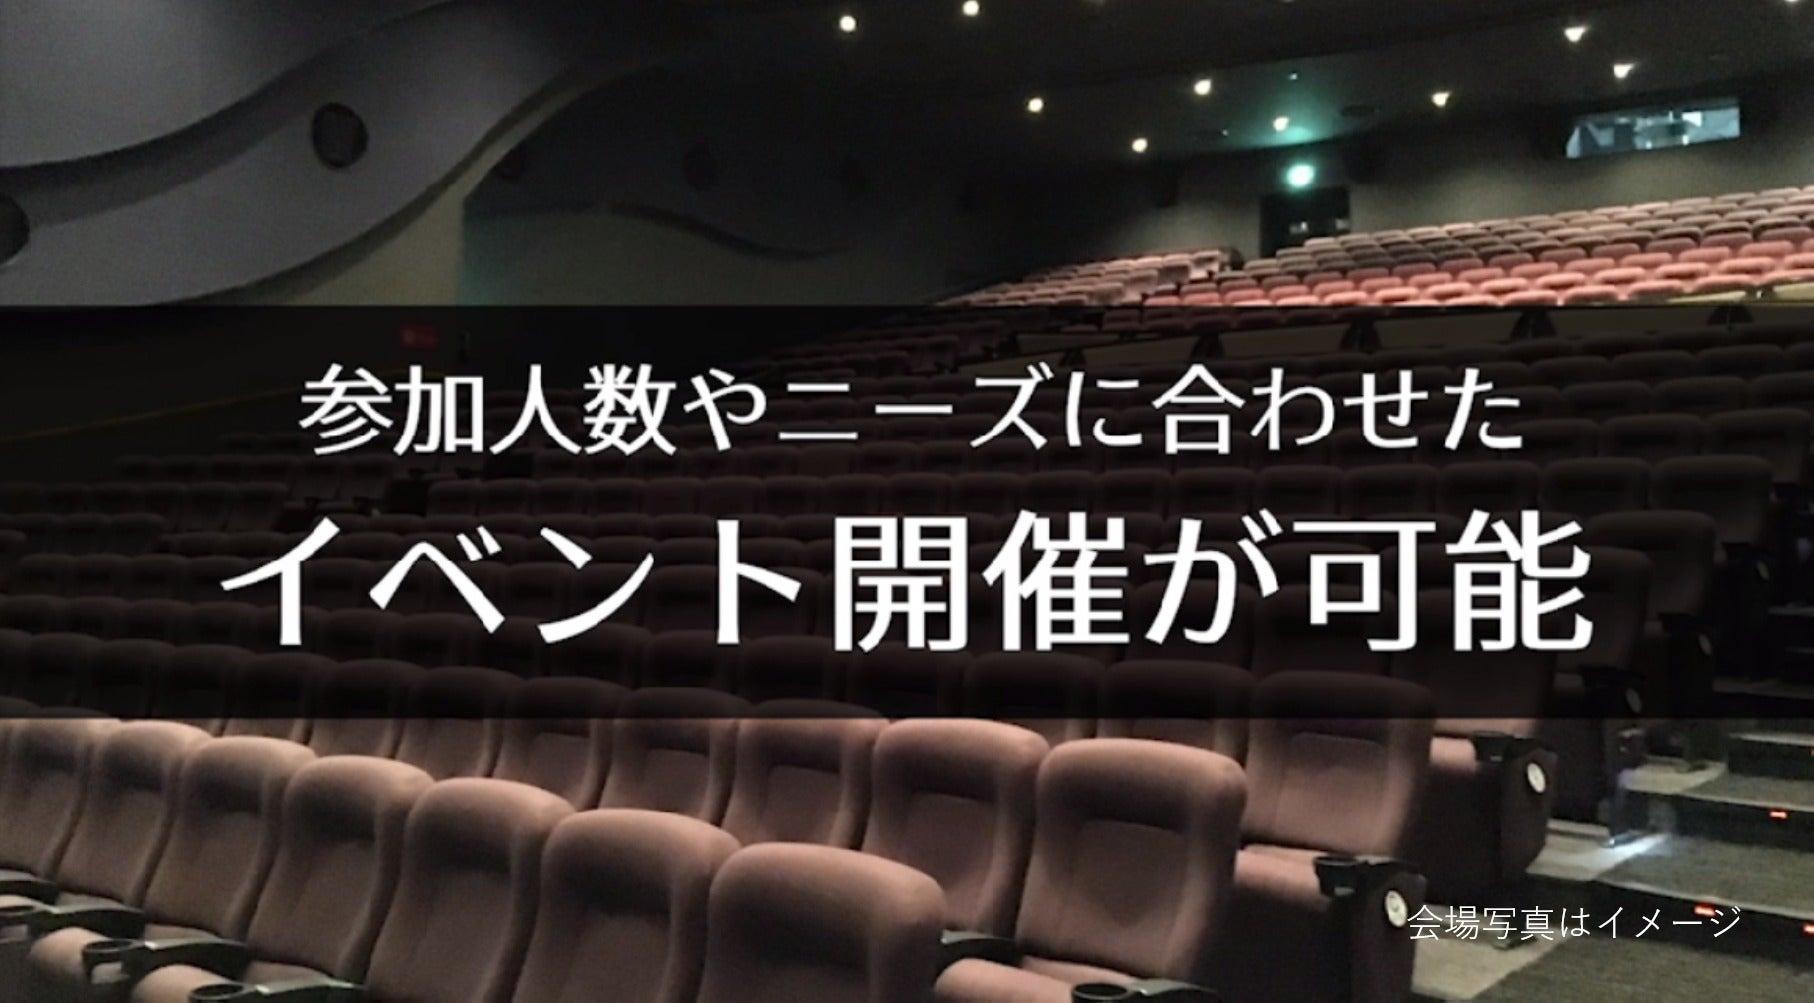 【新座 180席】映画館で、会社説明会、株主総会、講演会の企画はいかがですか?(ユナイテッド・シネマ新座) の写真0